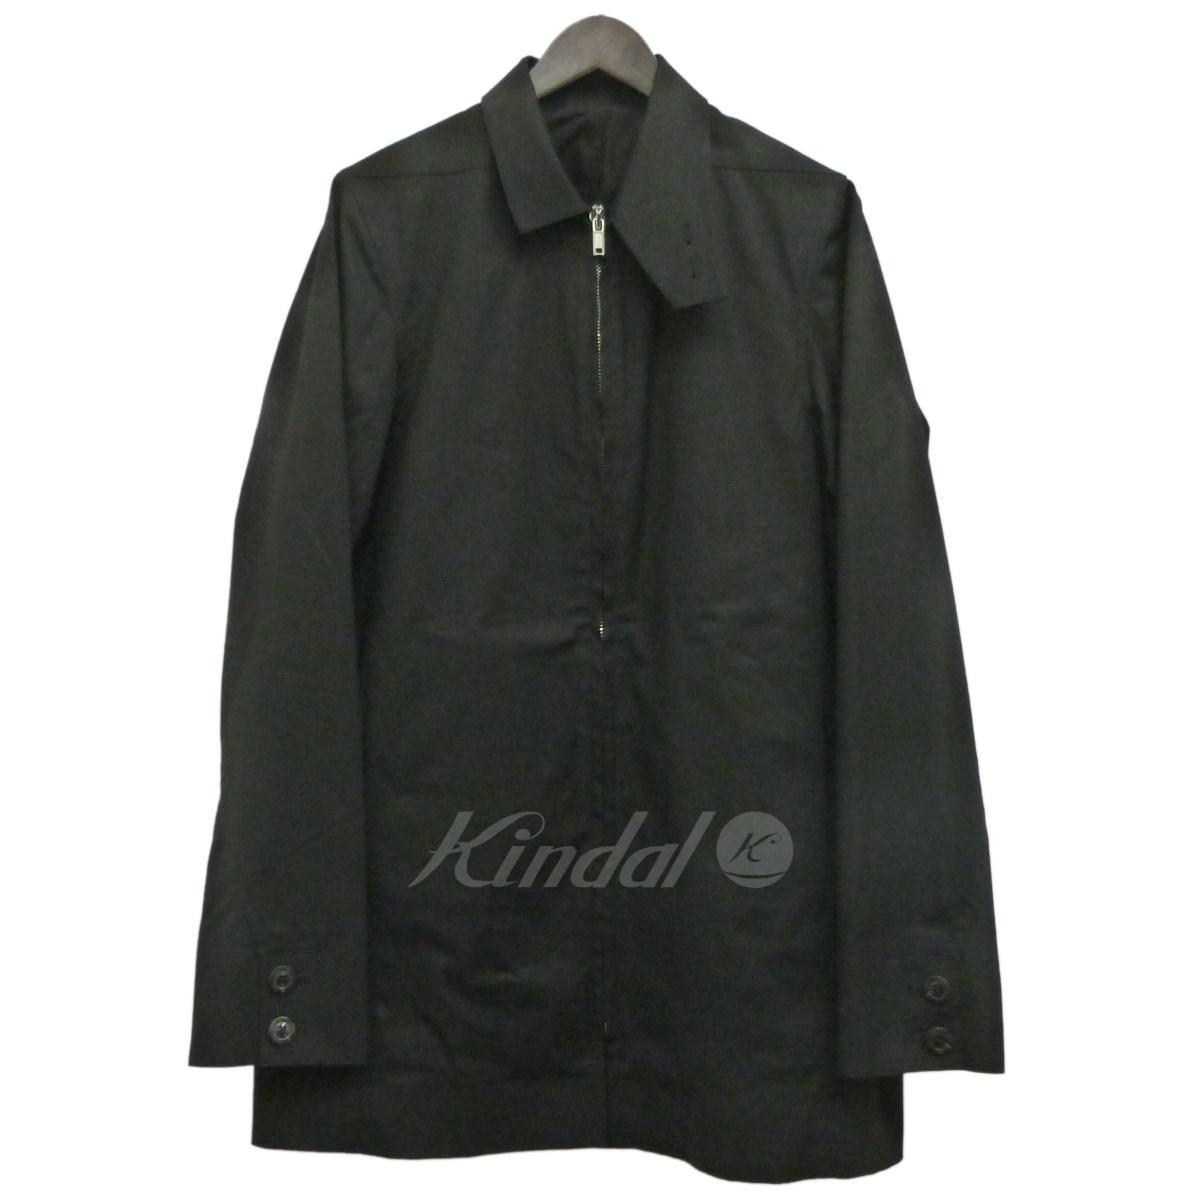 【中古】Rick Owens 17SS襟付きジップアップロングジャケット ブラック サイズ:46 【送料無料】 【210918】(リックオウエンス)